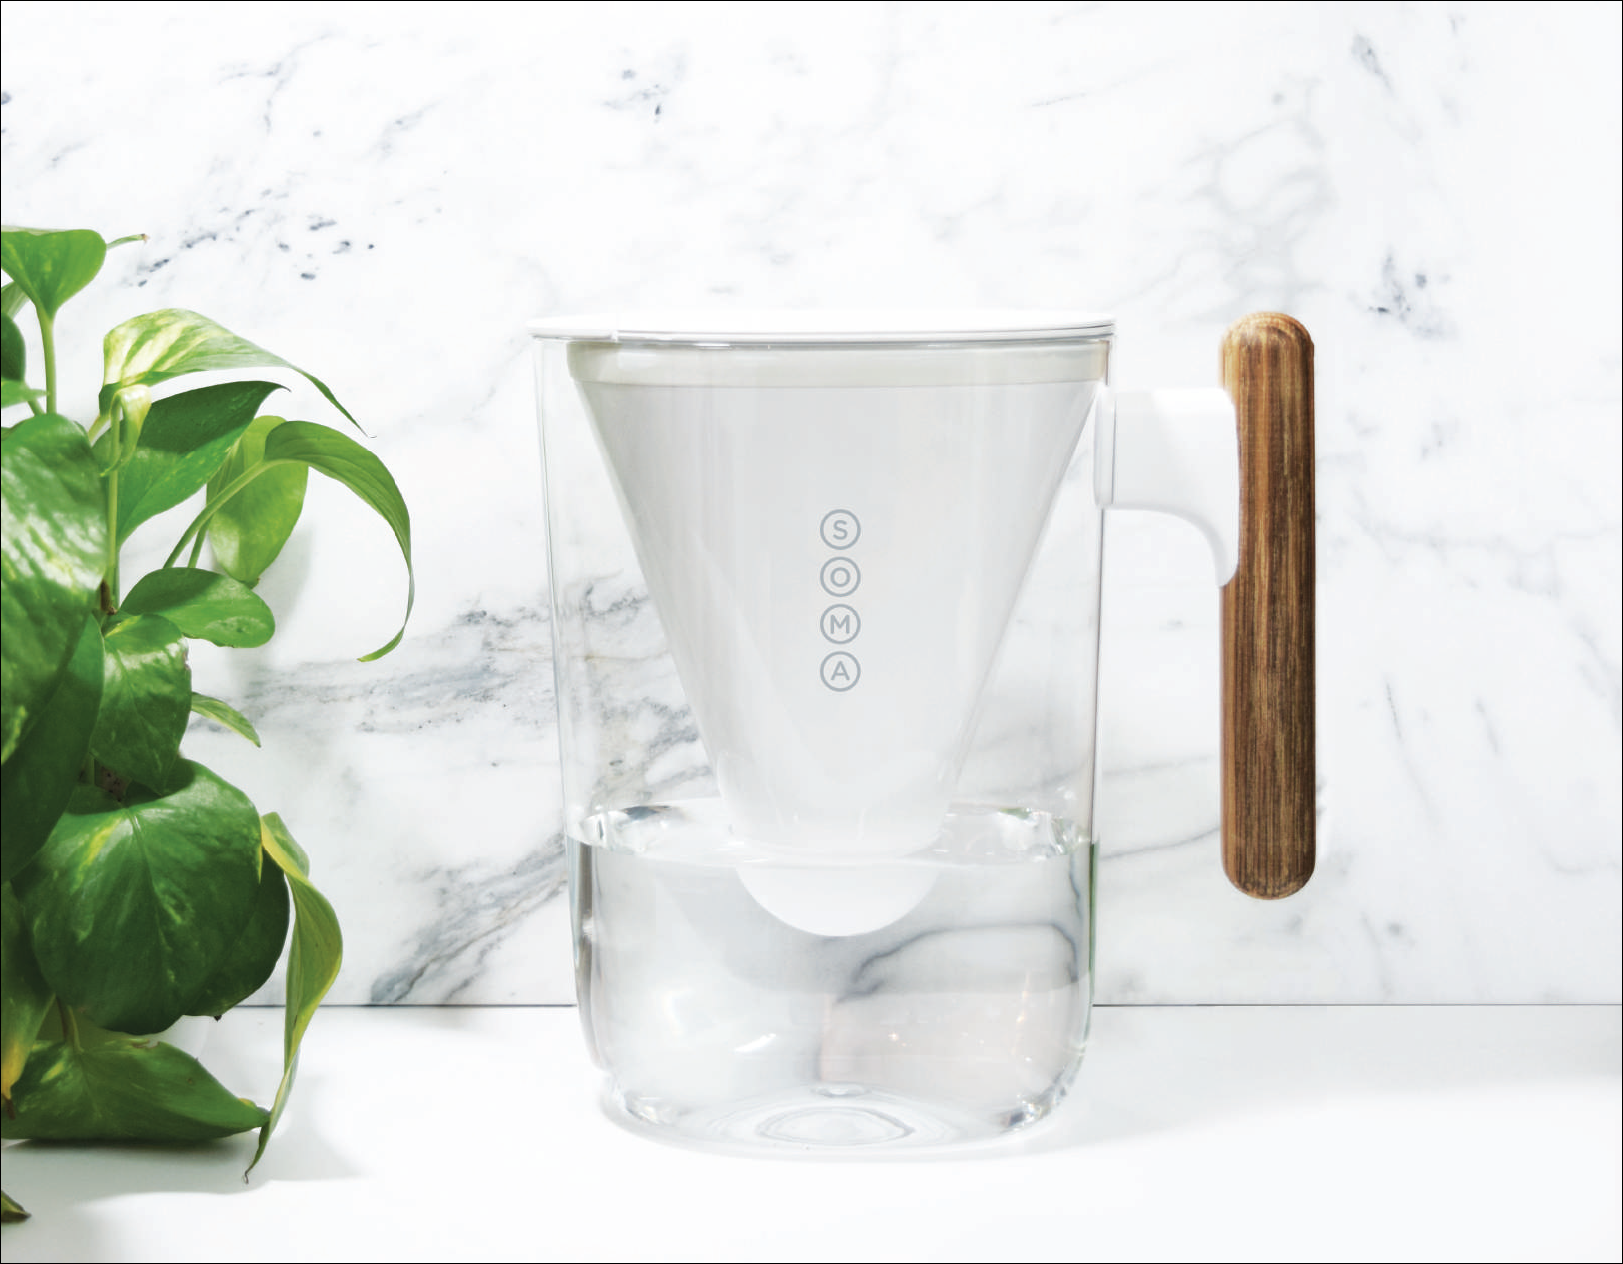 SOMA water jug